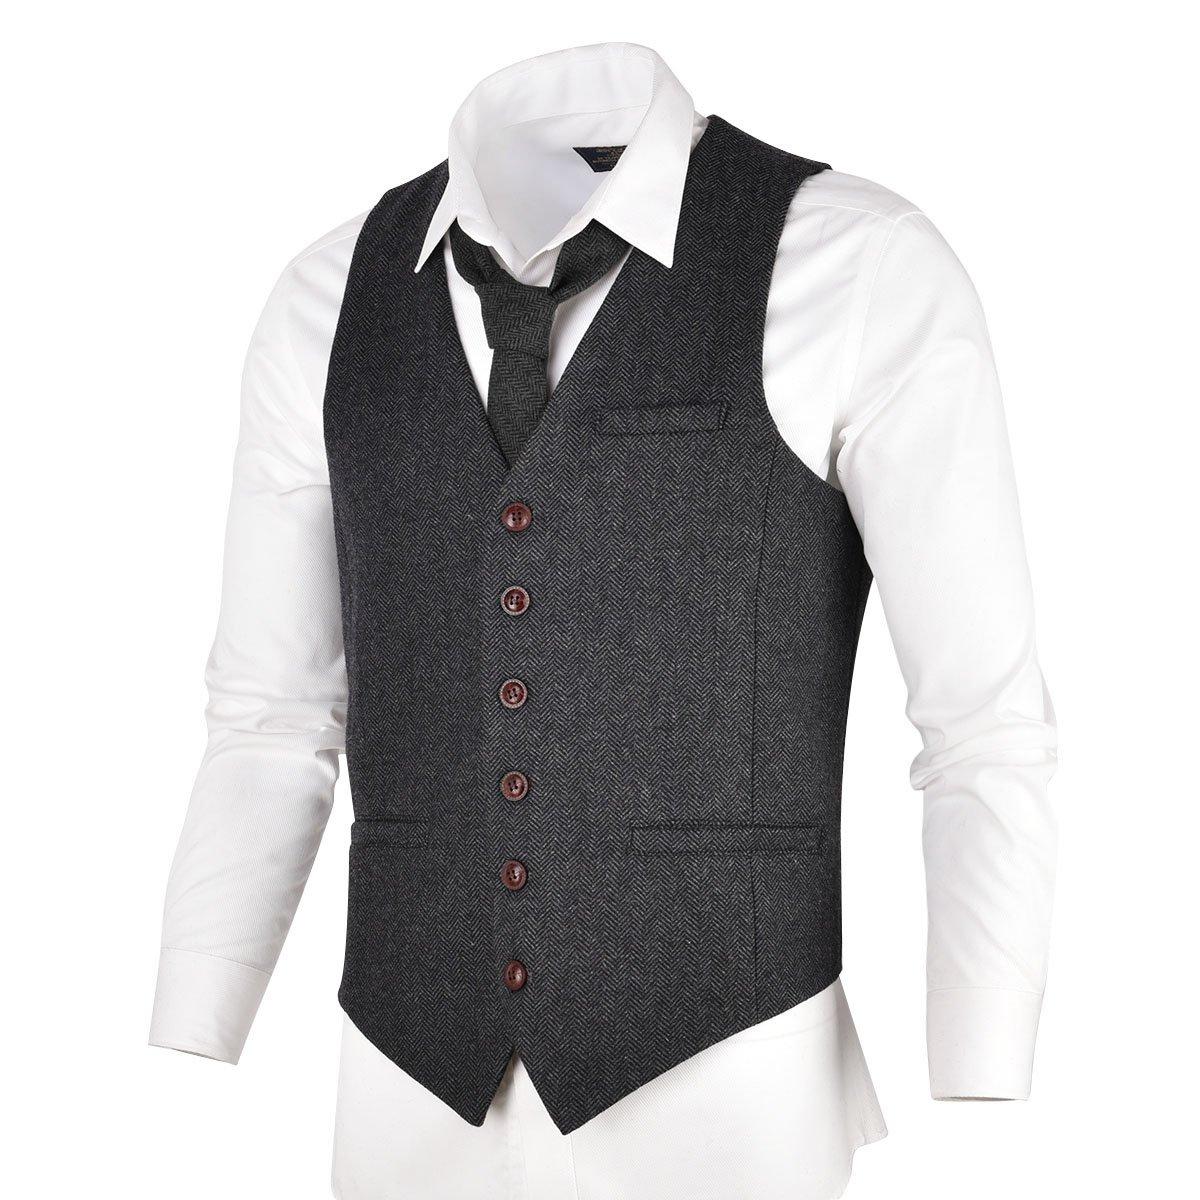 VOBOOM Men's Slim Fit Herringbone Tweed Suits Vest Premium Wool Blend Waistcoat (Dark Grey, L) by VOBOOM